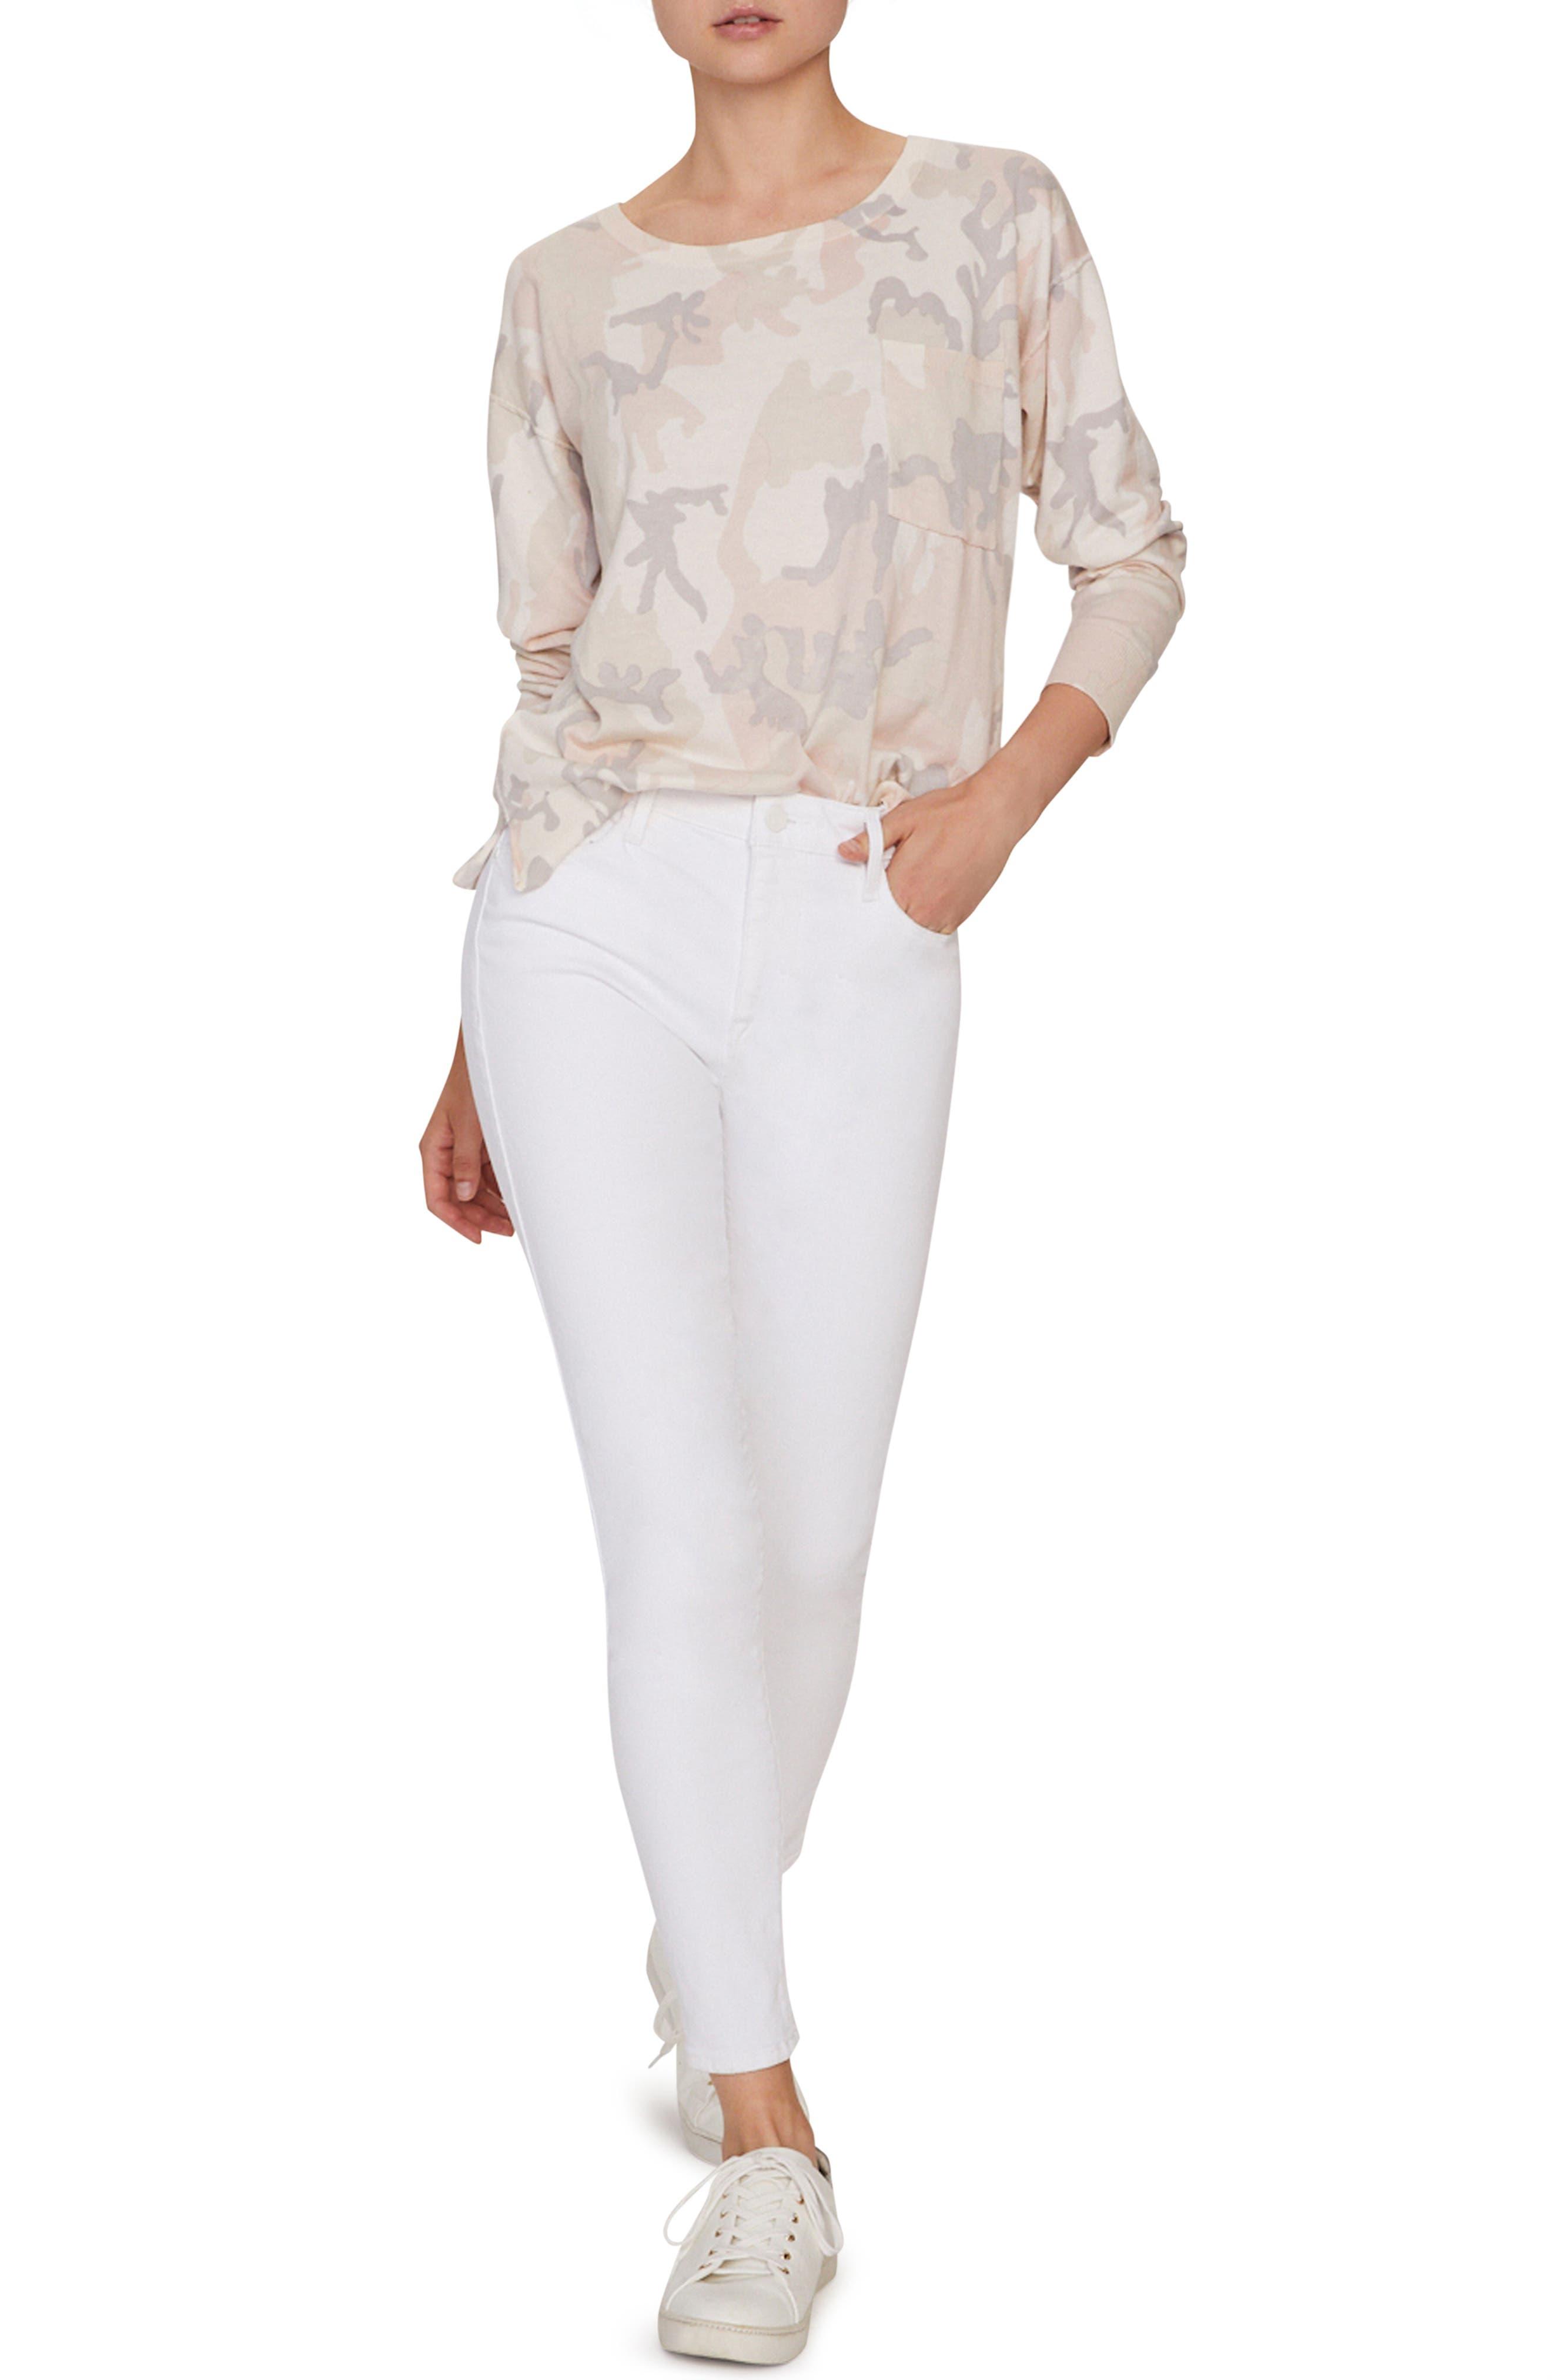 SANCTUARY, Pale Camo Cotton Blend Sweater, Alternate thumbnail 4, color, CHARM CAMO